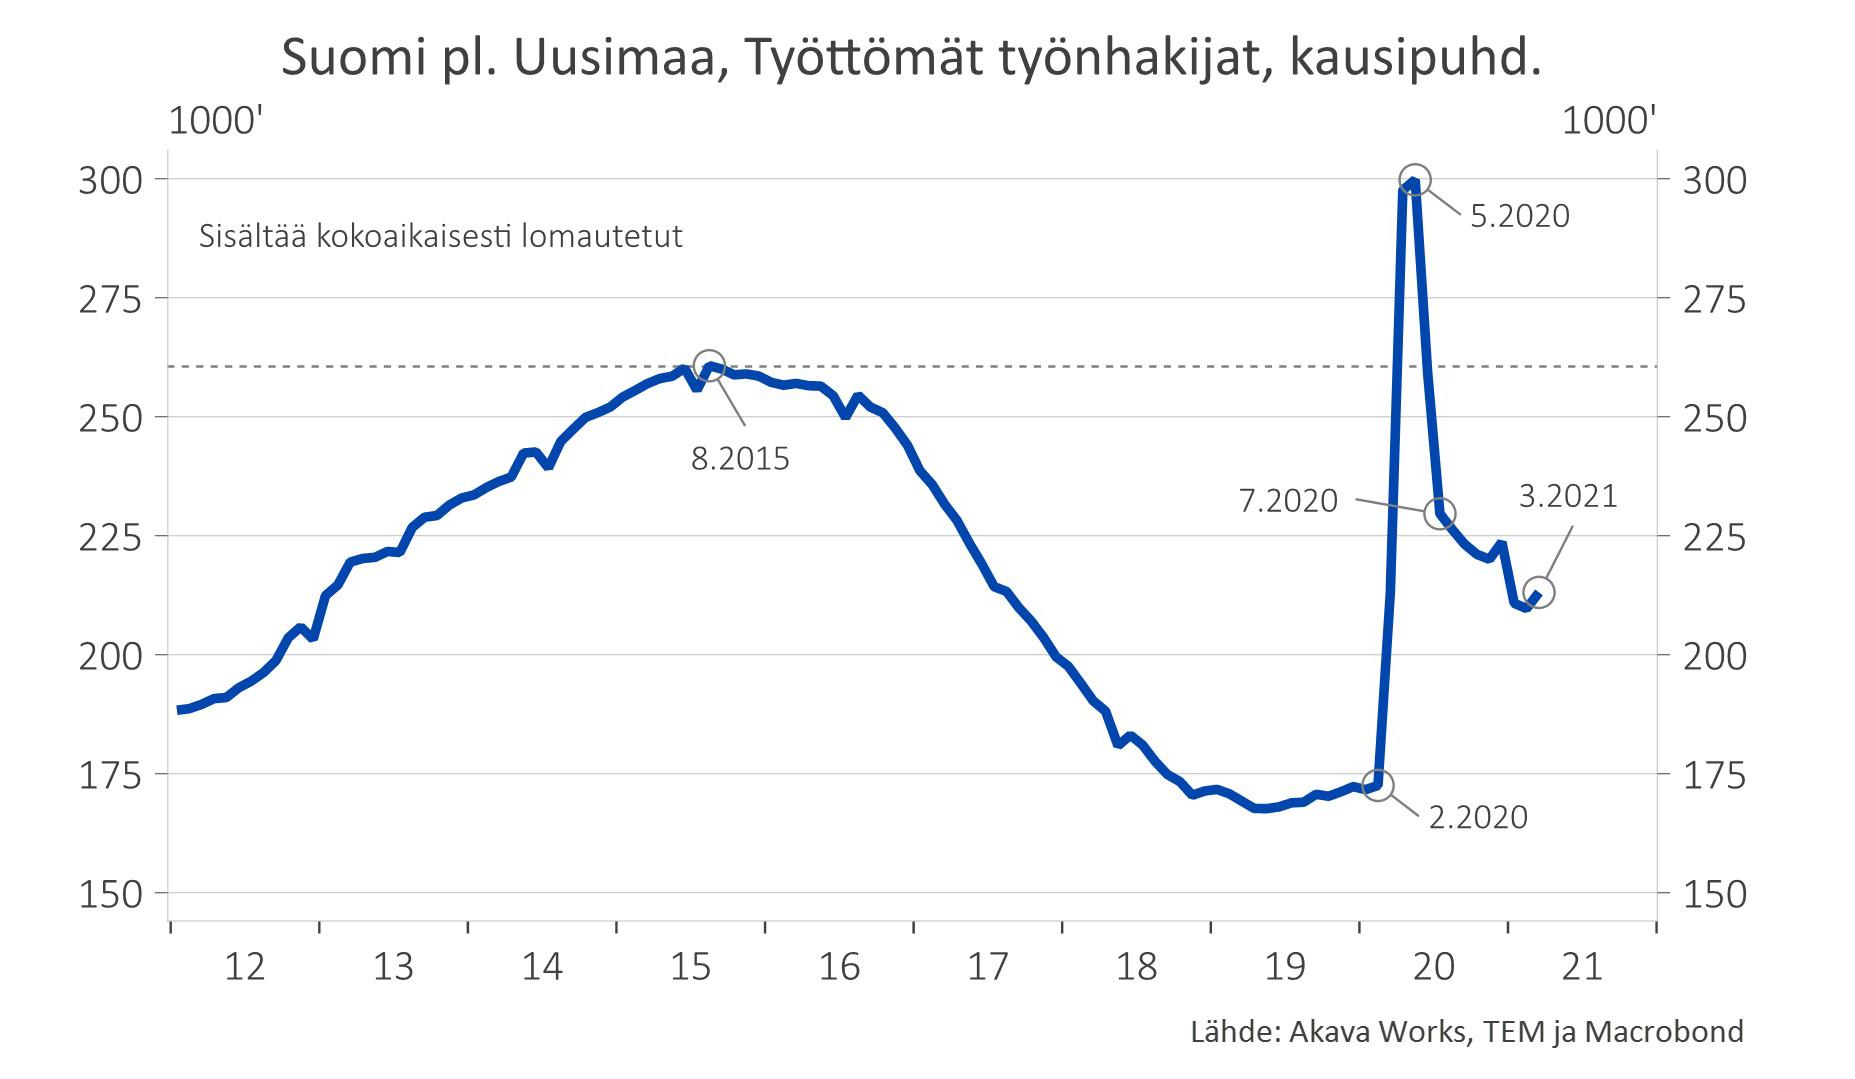 Työttömät työnhakijat muualla kuin Uudellamaalla (sis. kokoaikaisesti lomautetut)